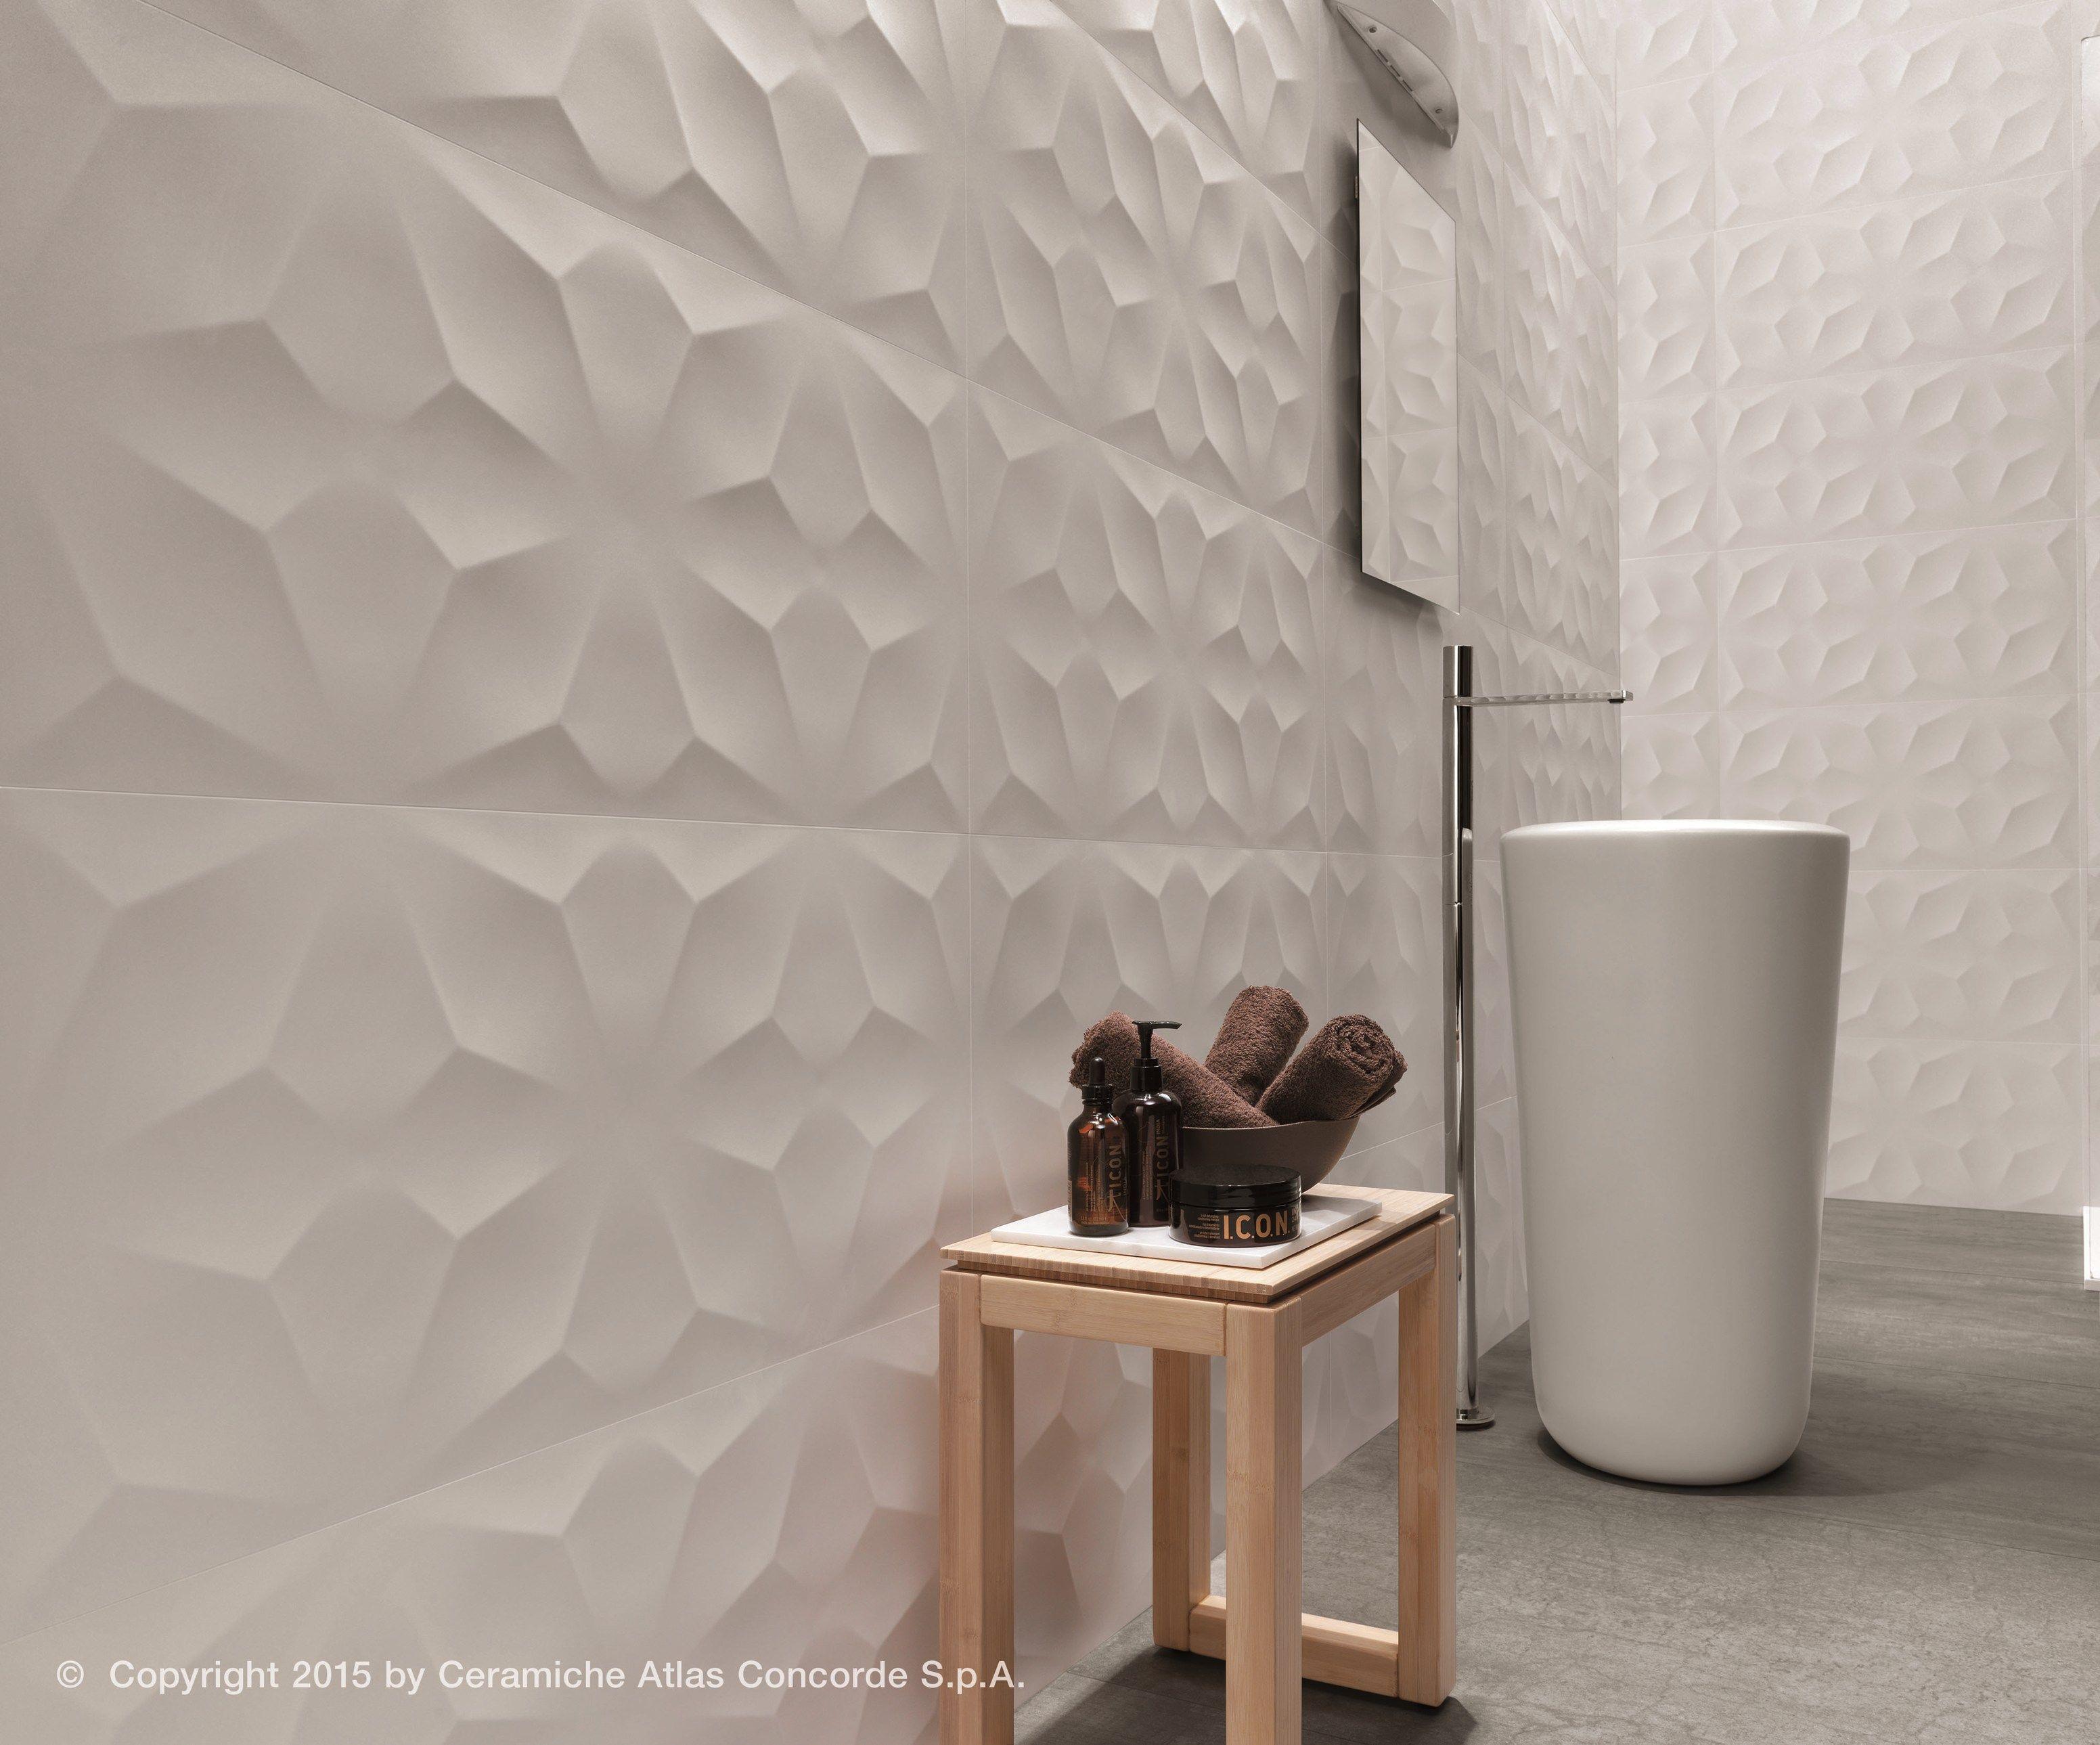 Rivestimento Tridimensionale In Ceramica A Pasta Bianca